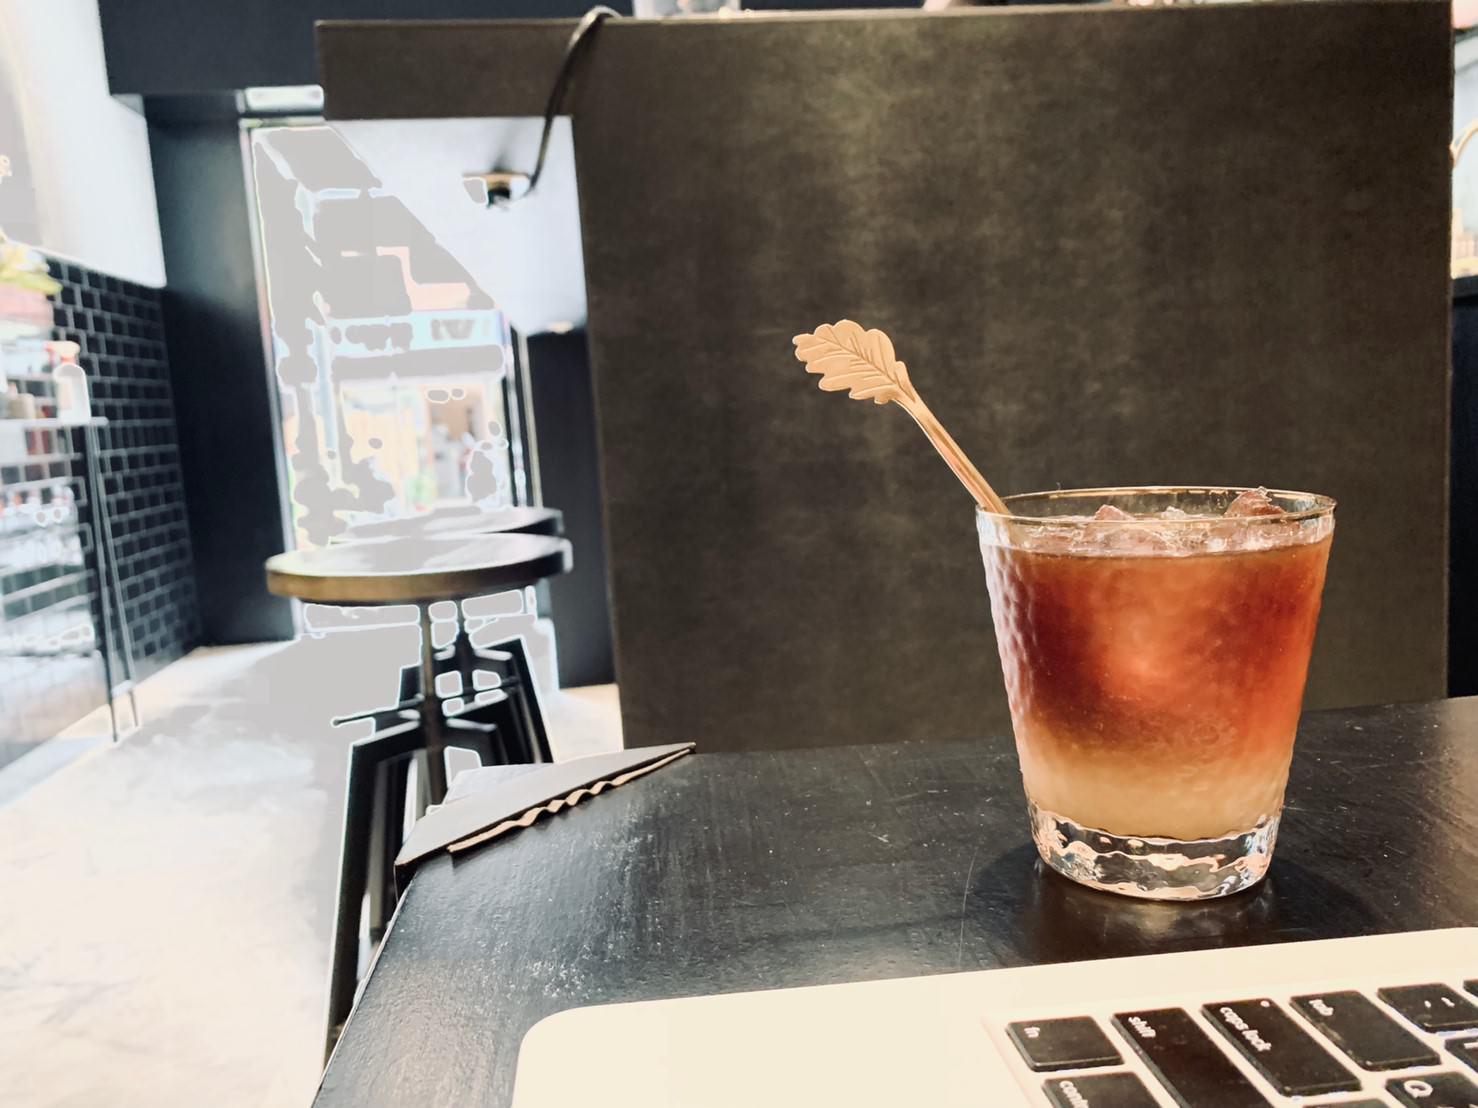 南京三民咖啡 :: 壞壞Whywhycafe 喝咖啡也可以耍帥?用咖啡釀出生活的感動滋味